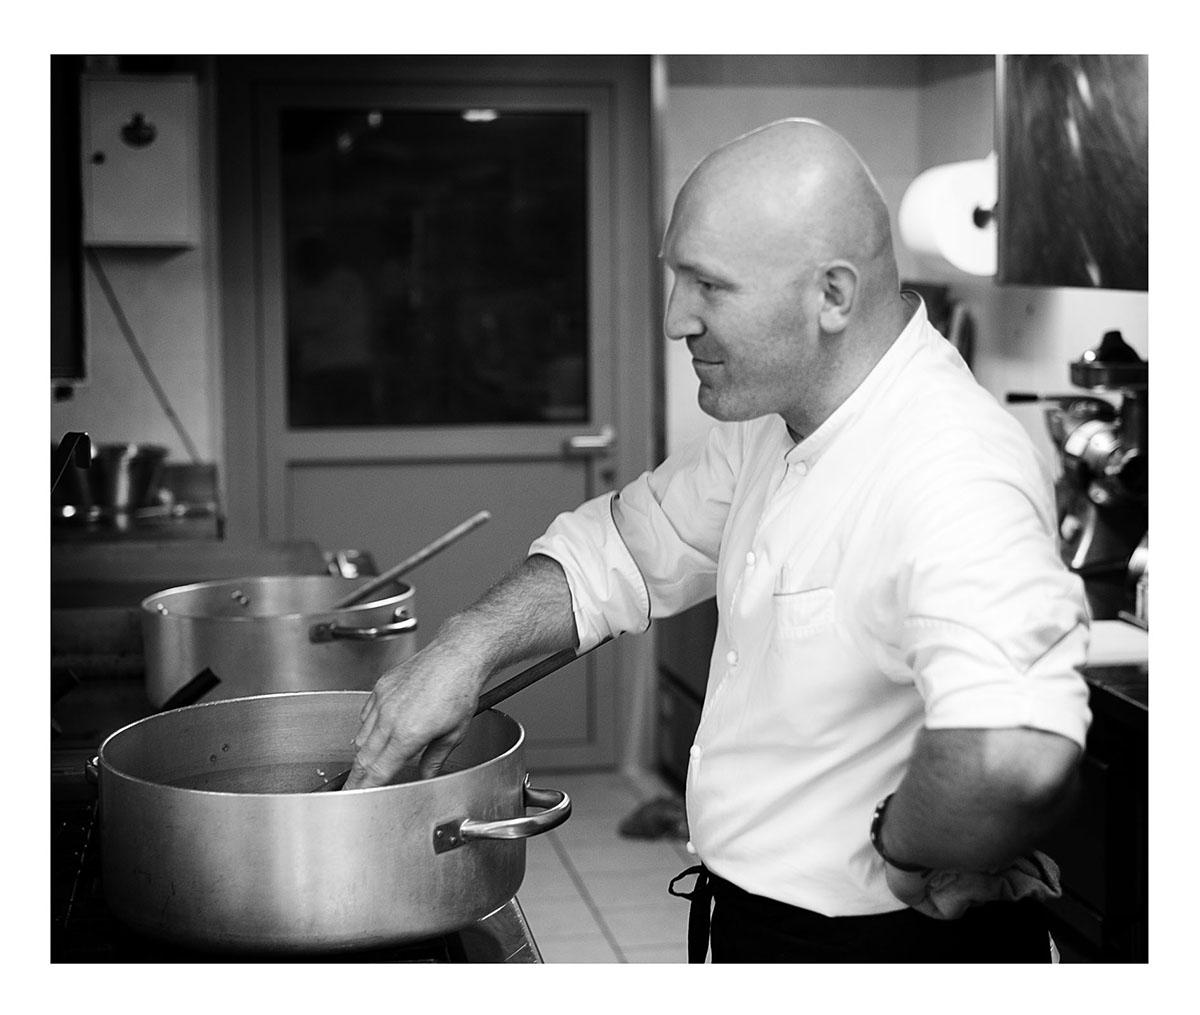 Alfio Ghezzi - Fish & chef- 2011 - Hotel Baia Verde - Malcesine